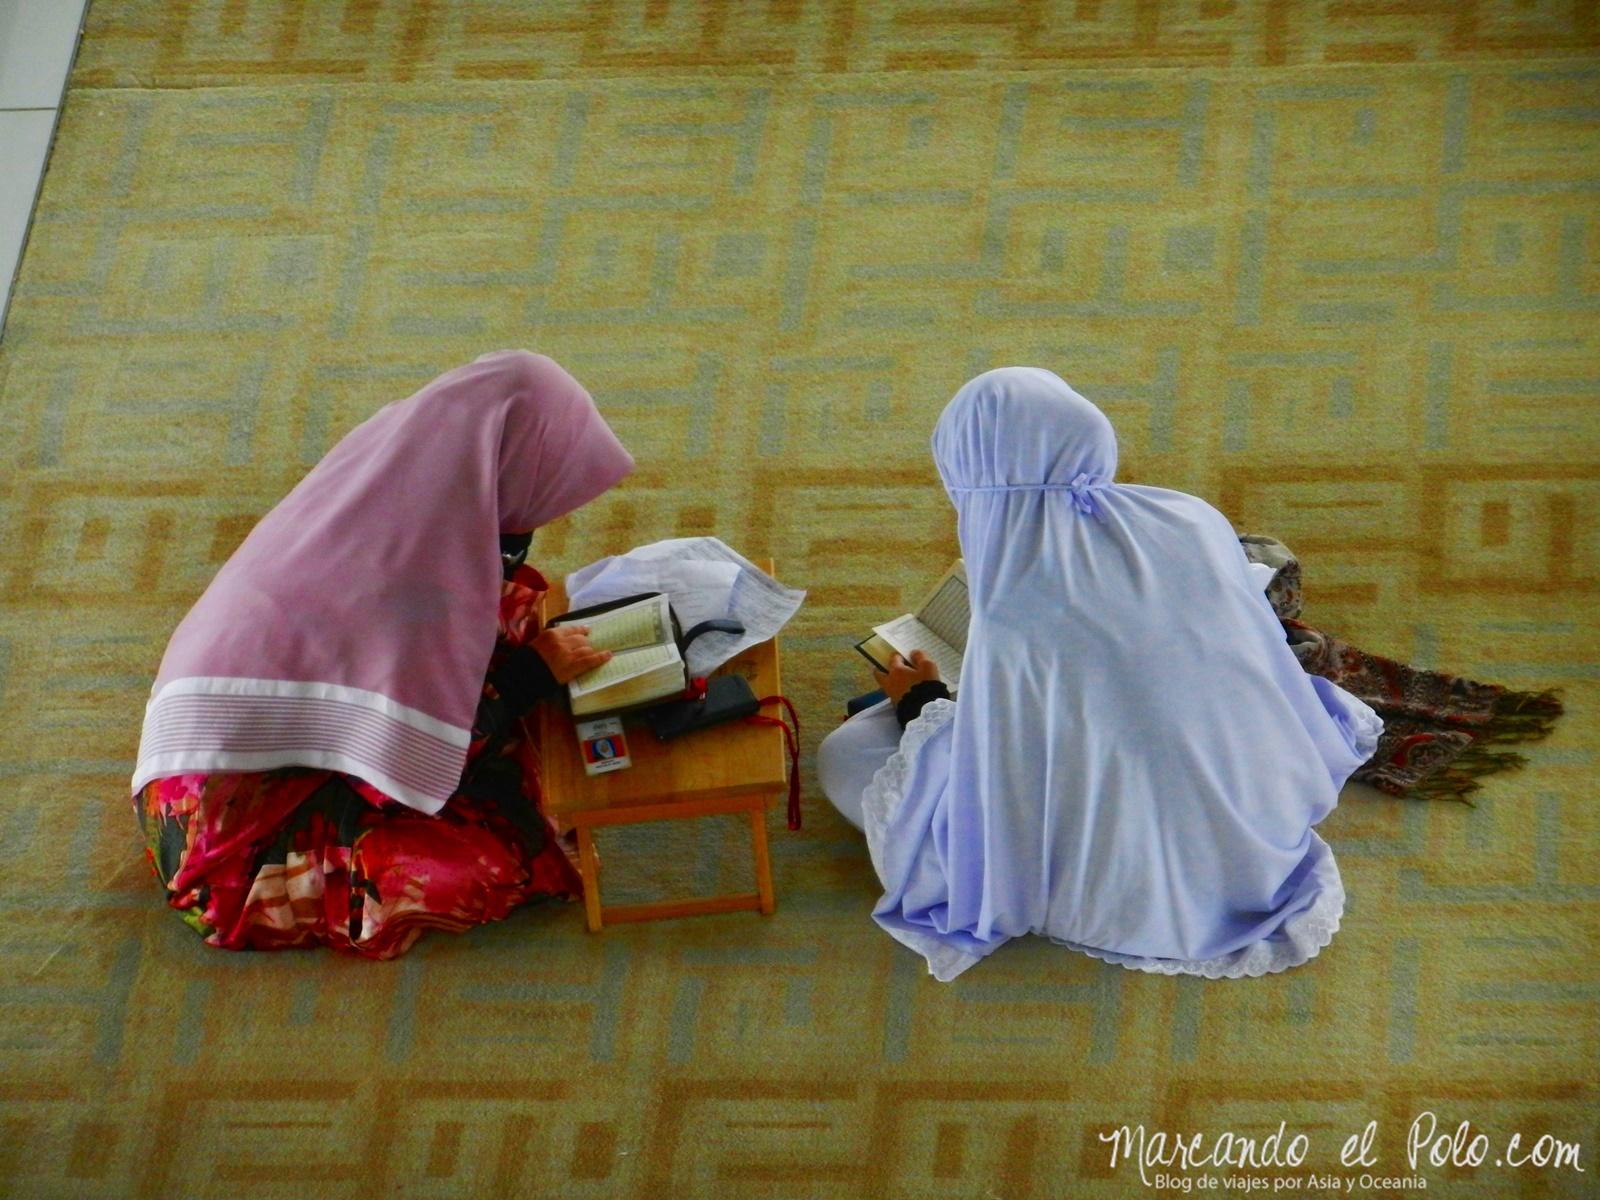 Jóvenes leyendo el Corán en la mezquita de Putrajaya